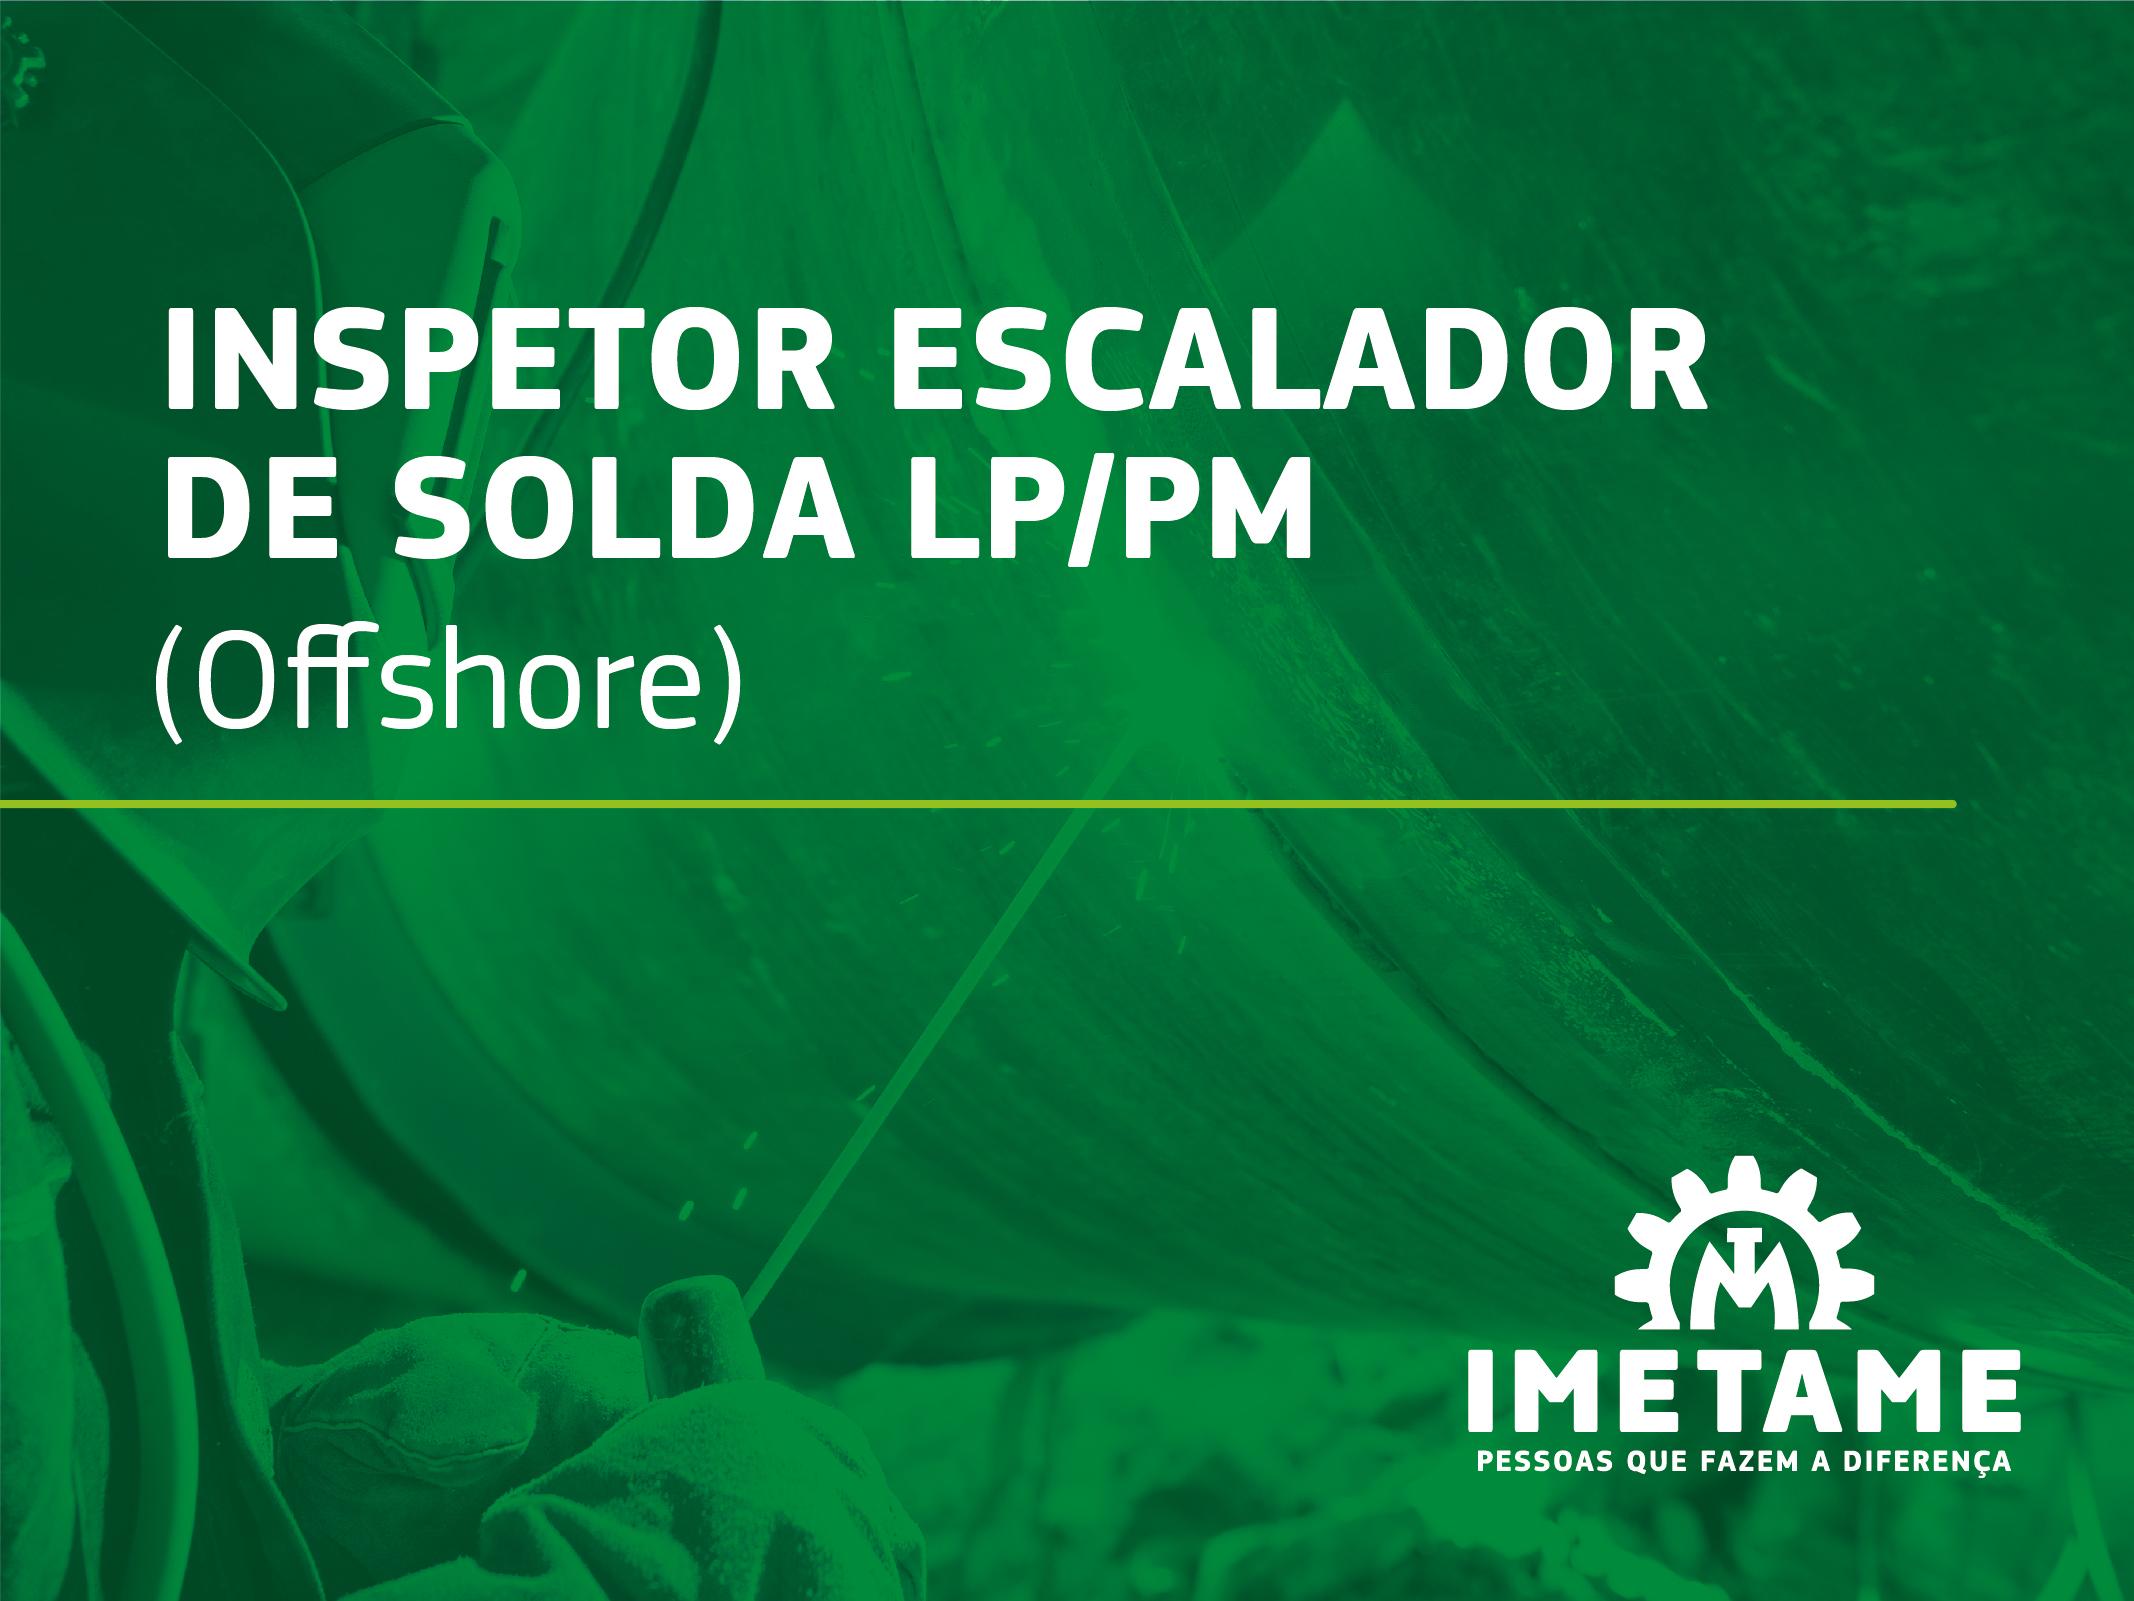 Inspetor Escalador de Solda LP/PM – Offshore